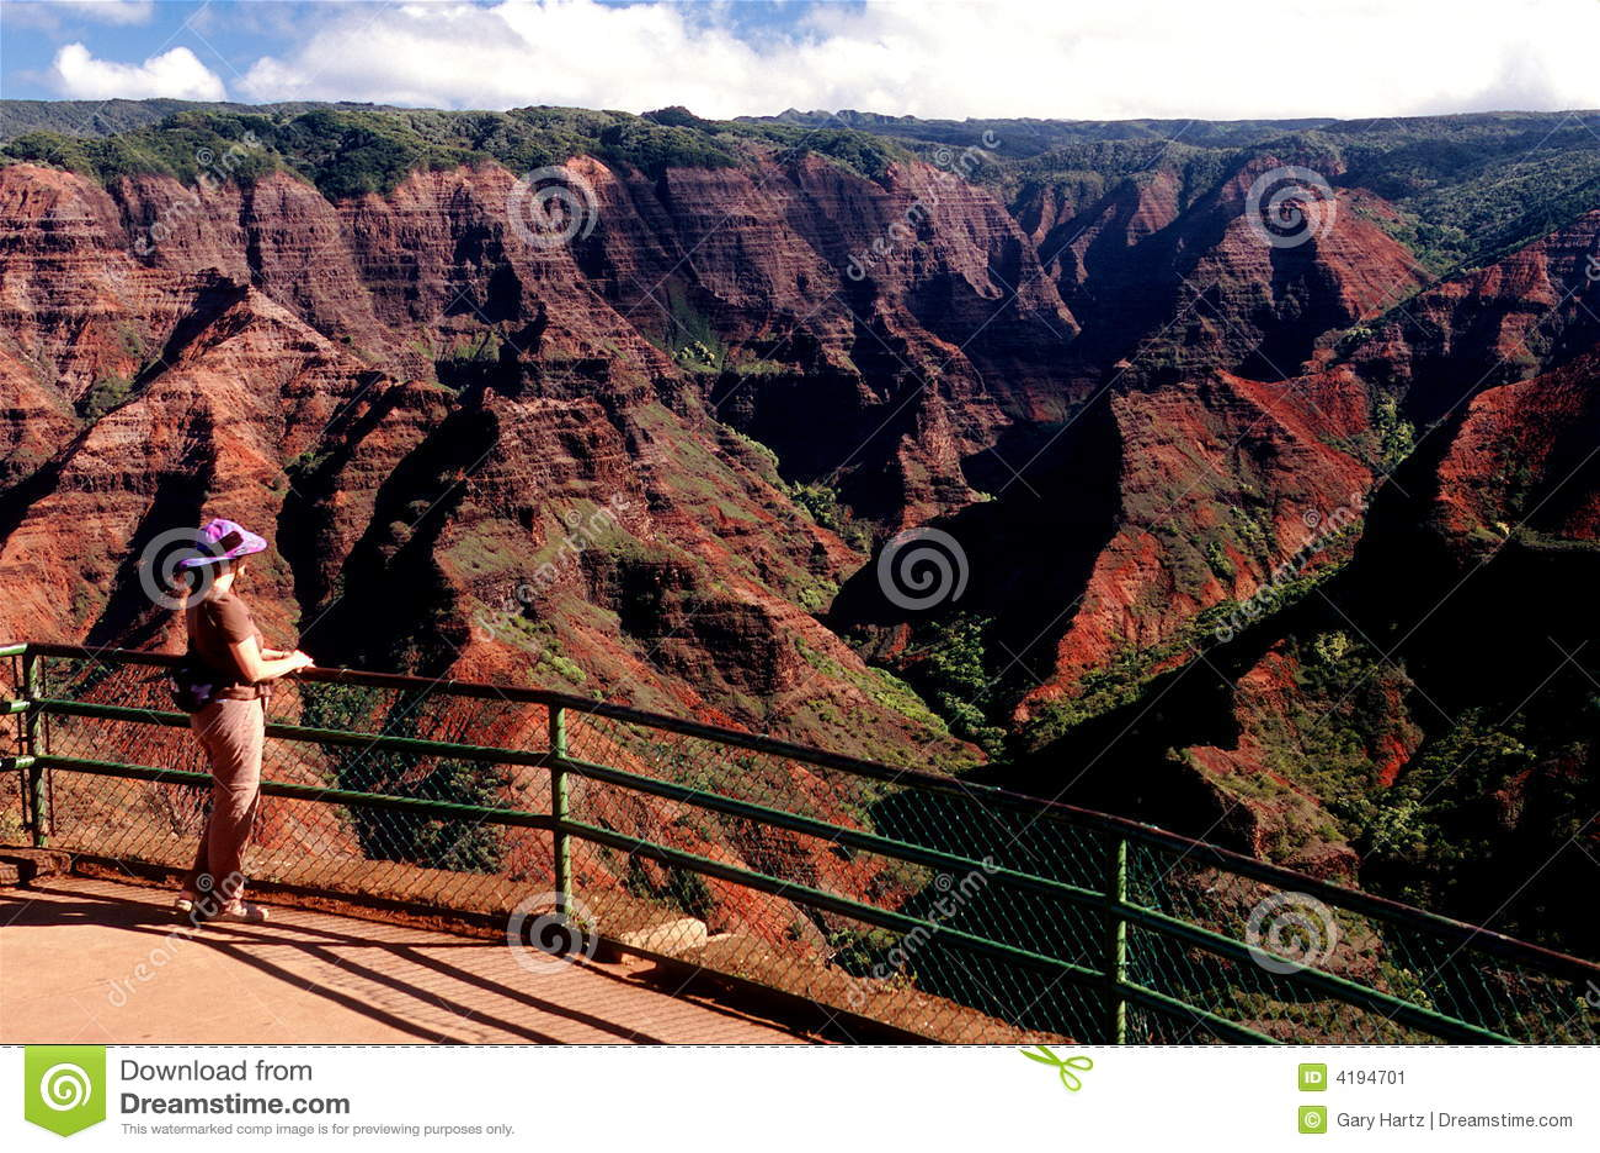 Canyon in Hawaii